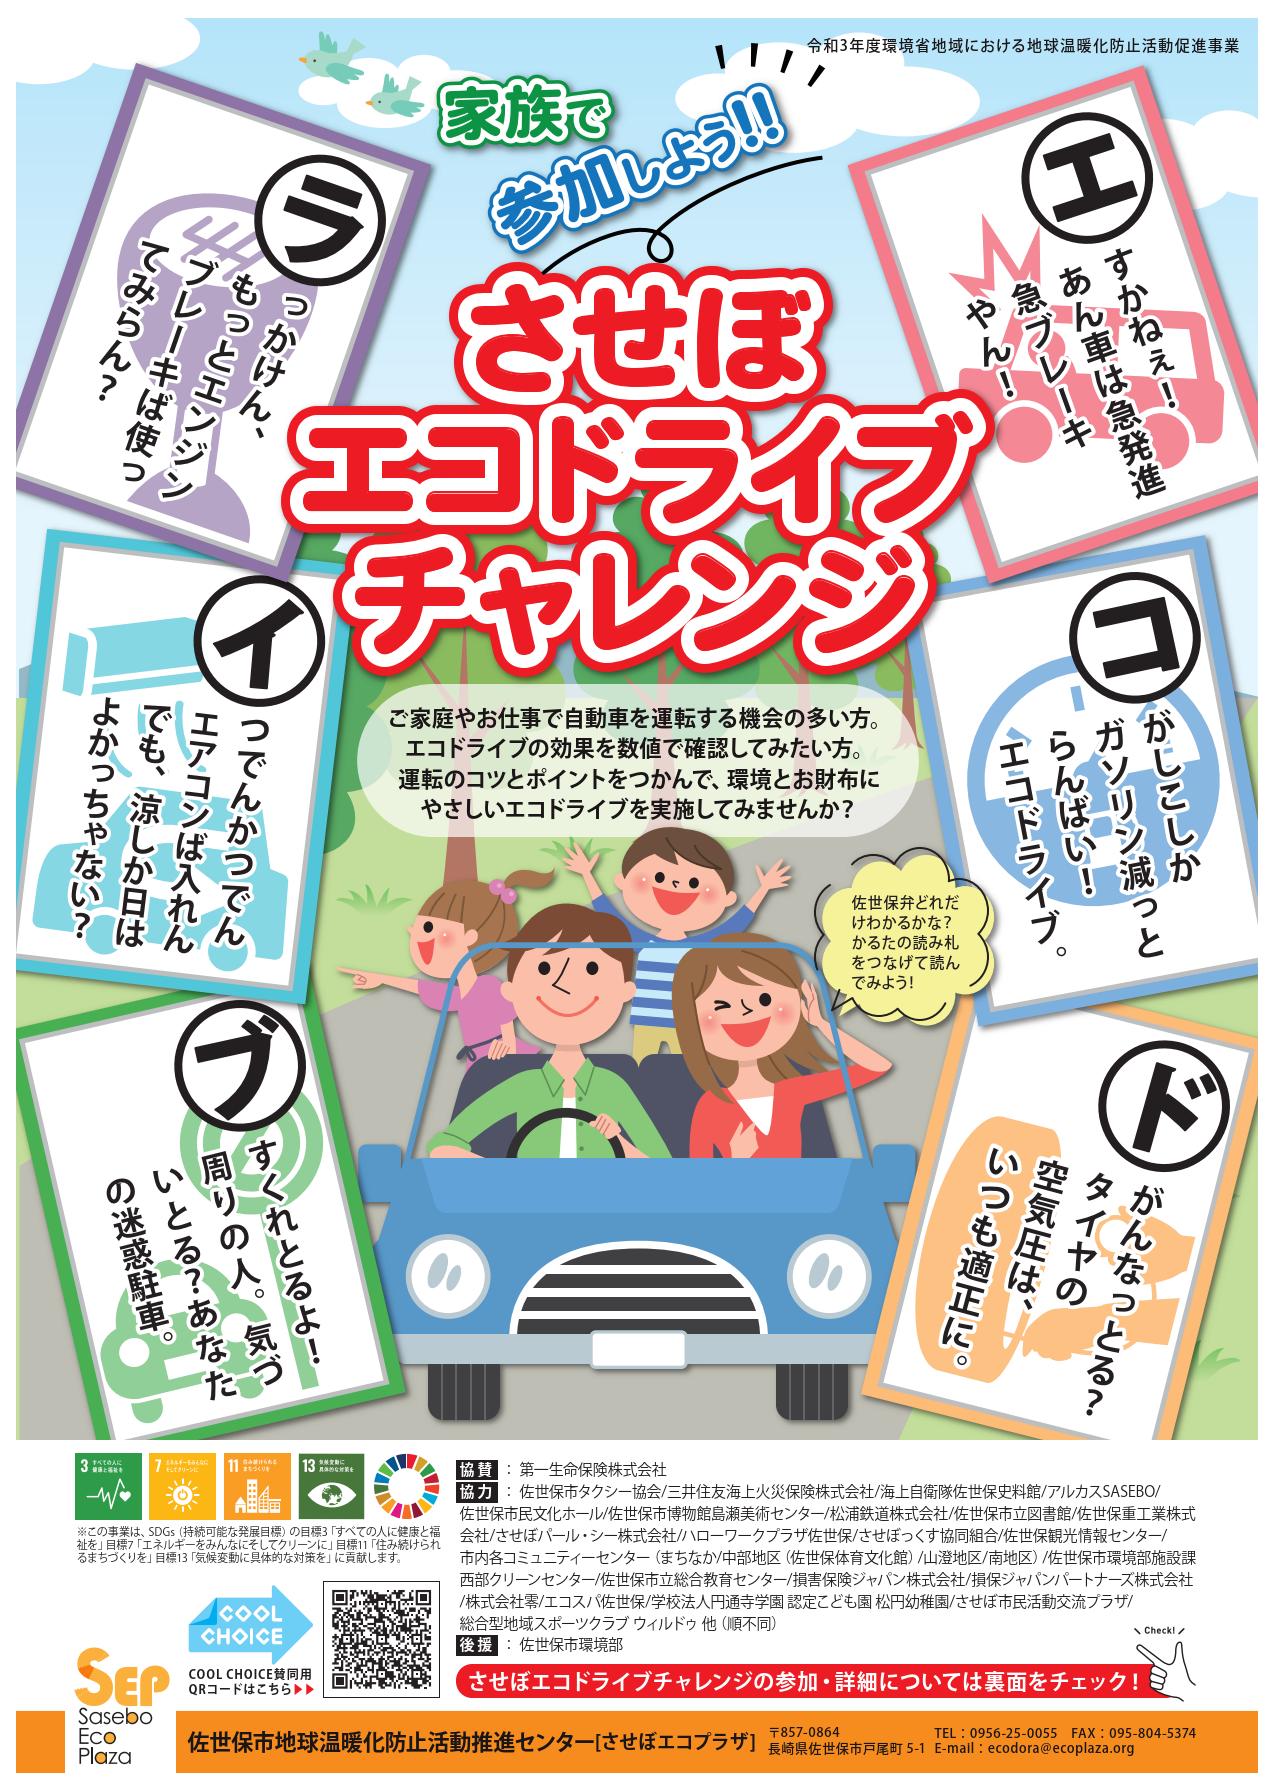 させぼエコドライブチャレンジ2021